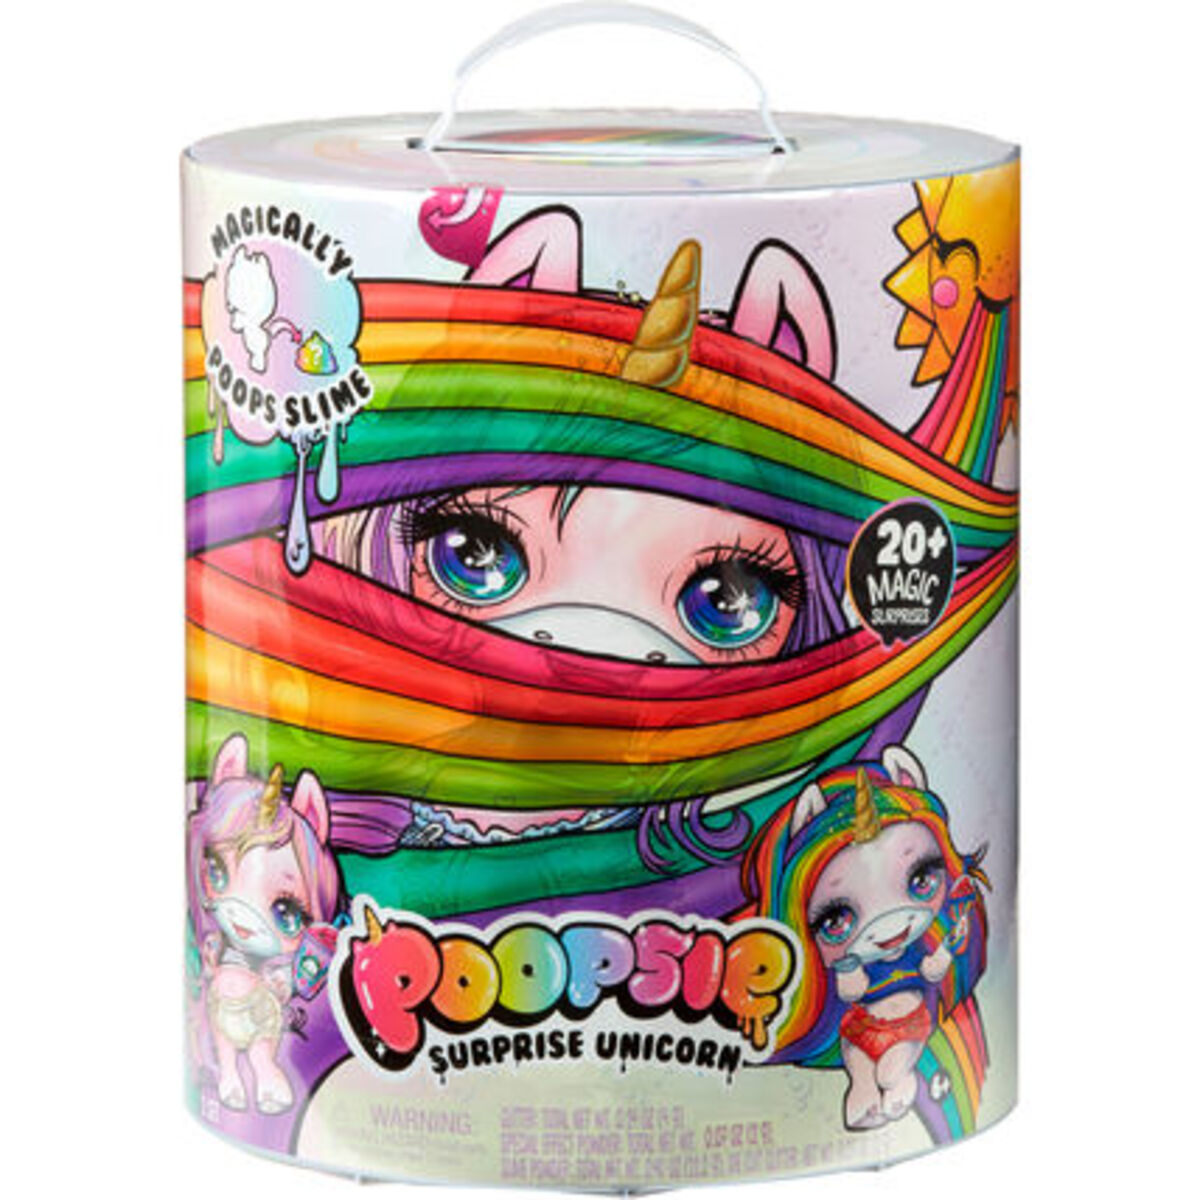 Bild 1 von MGA Poopsie Surprise Unicorn